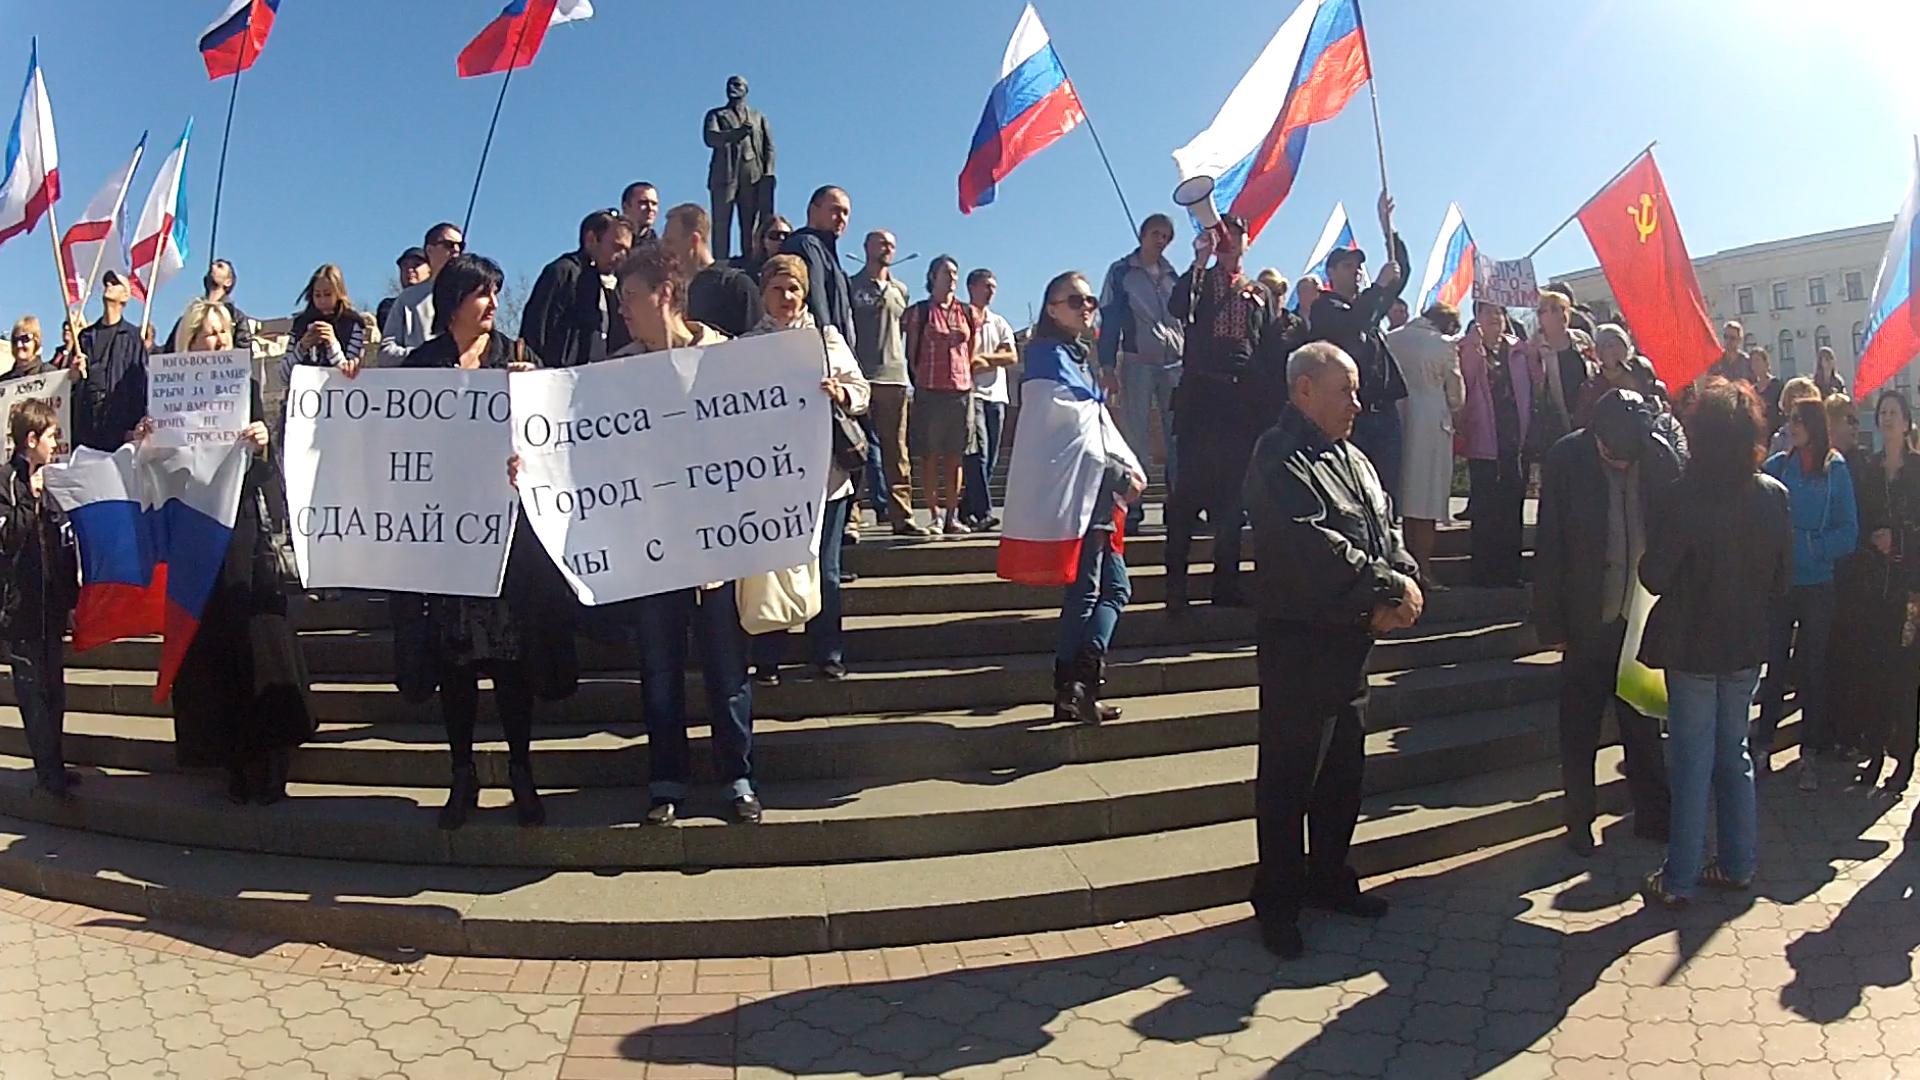 Крым: Симферополь поддержал Юго-Восток Украины